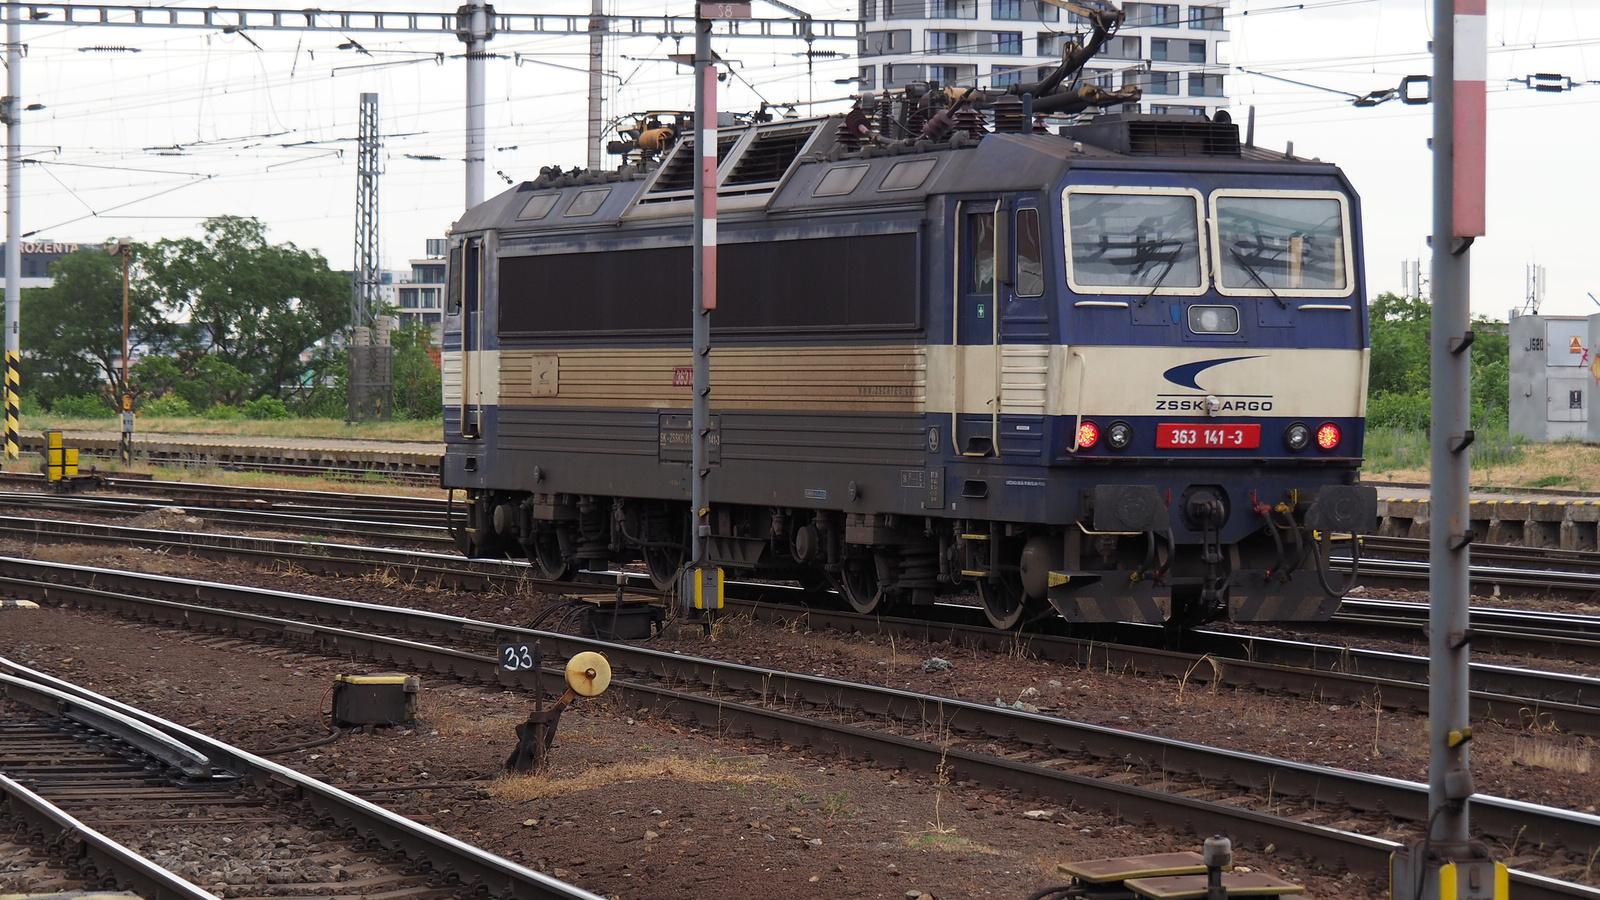 SK-ZSSKC 91 56 6 363 141-3, SzG3